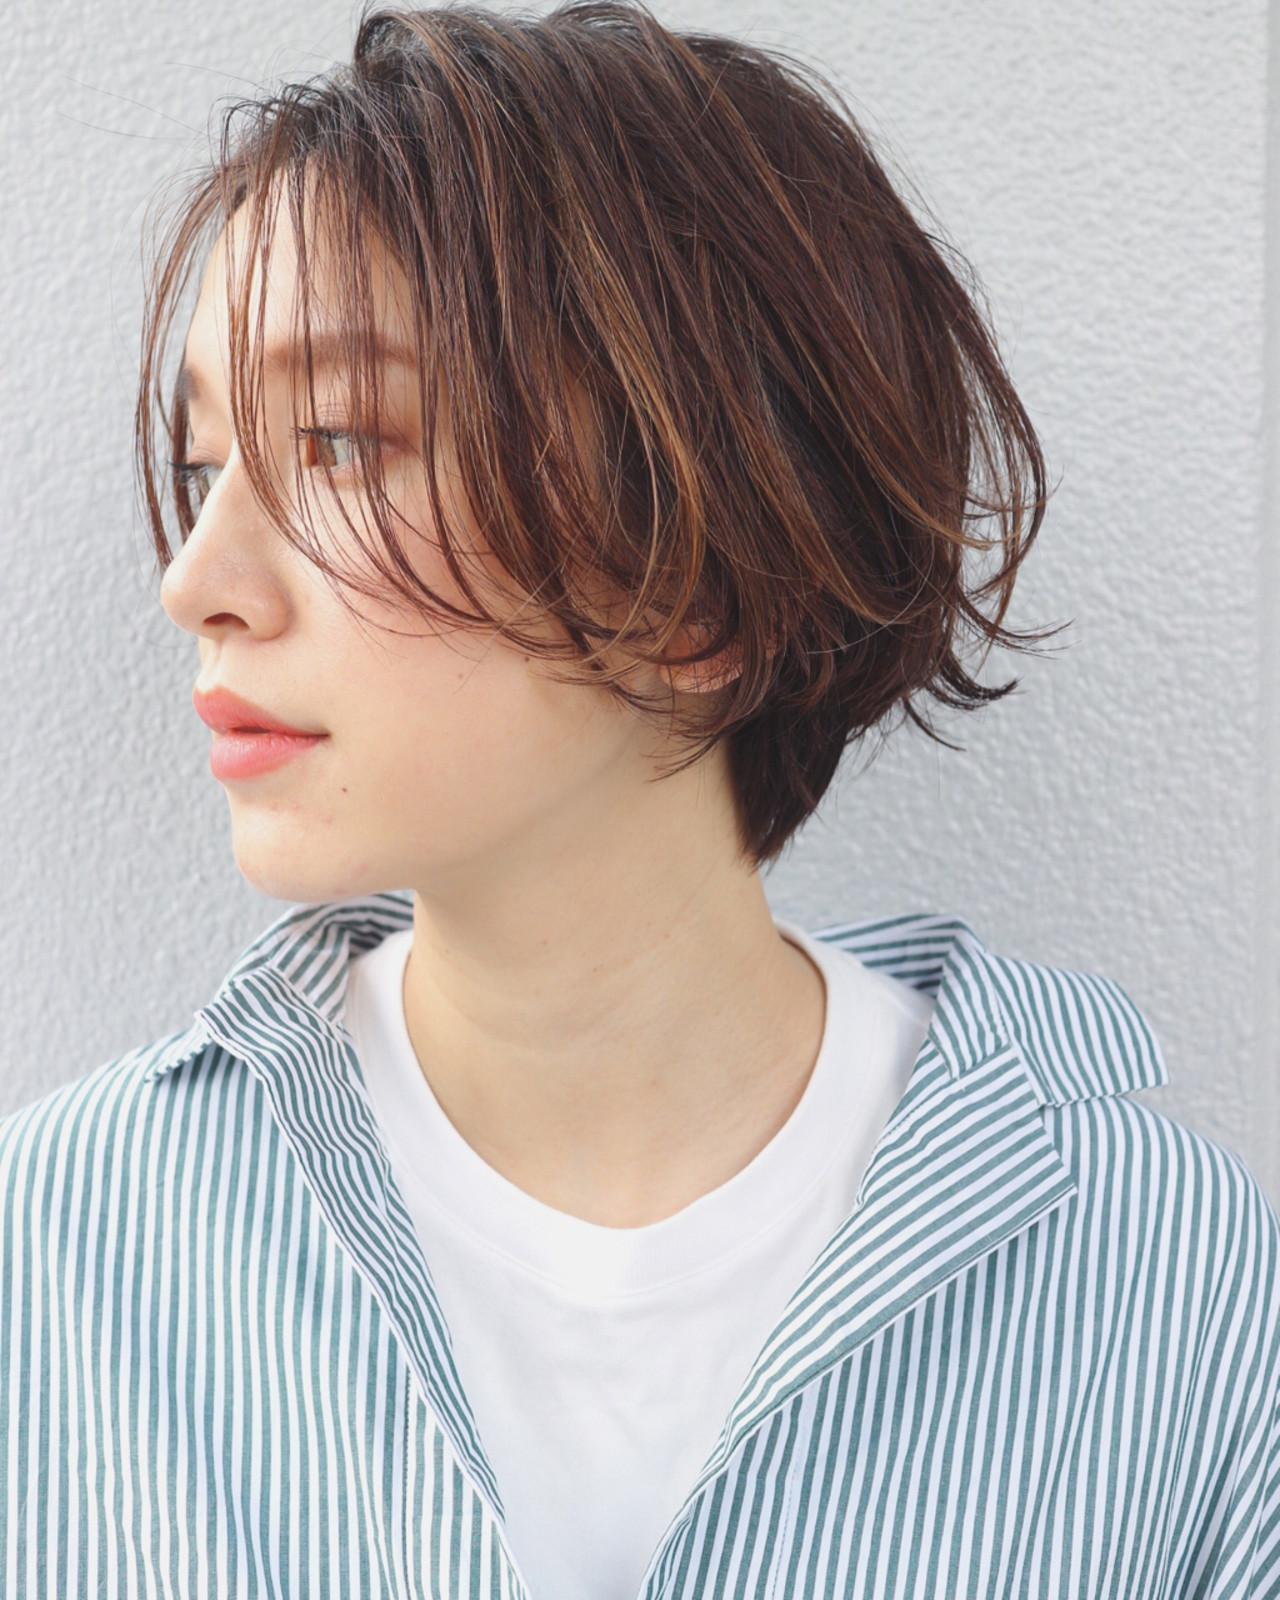 外国人風 ハイライト 色気 ニュアンスヘアスタイルや髪型の写真・画像